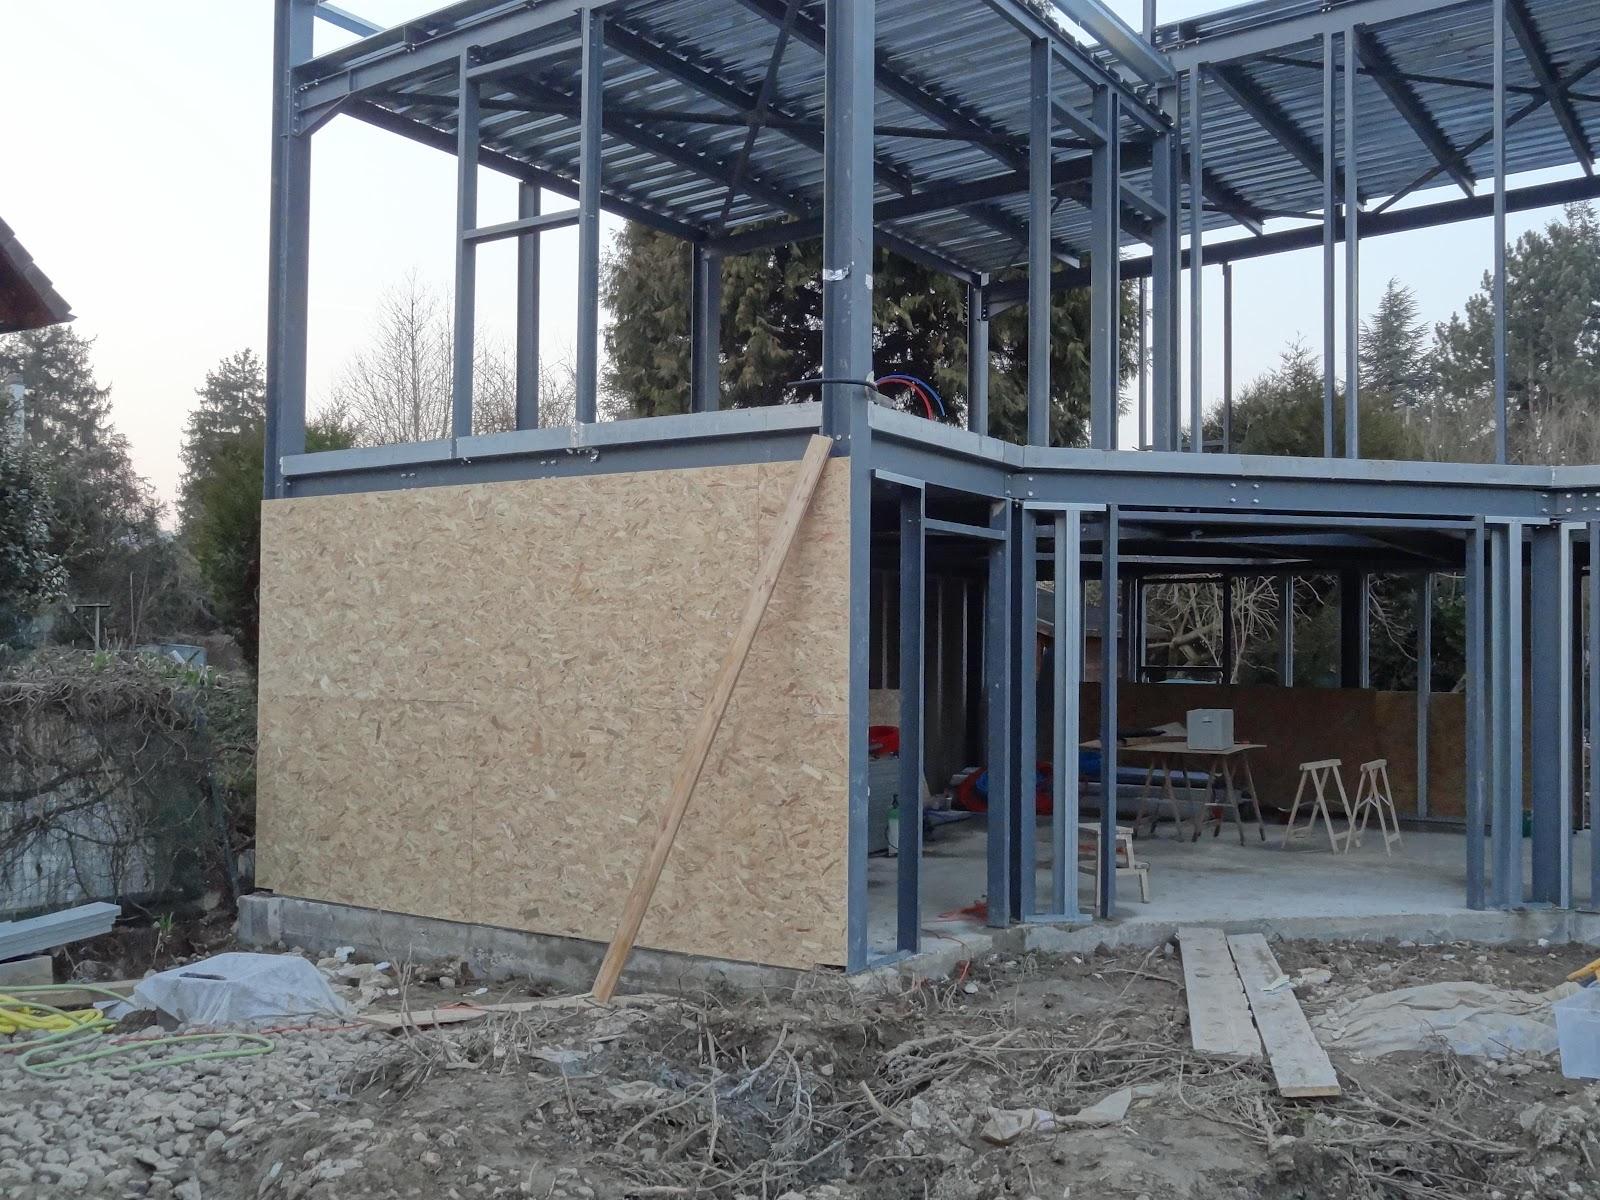 maison en structure metallique - construction maison ossature m tallique les murs